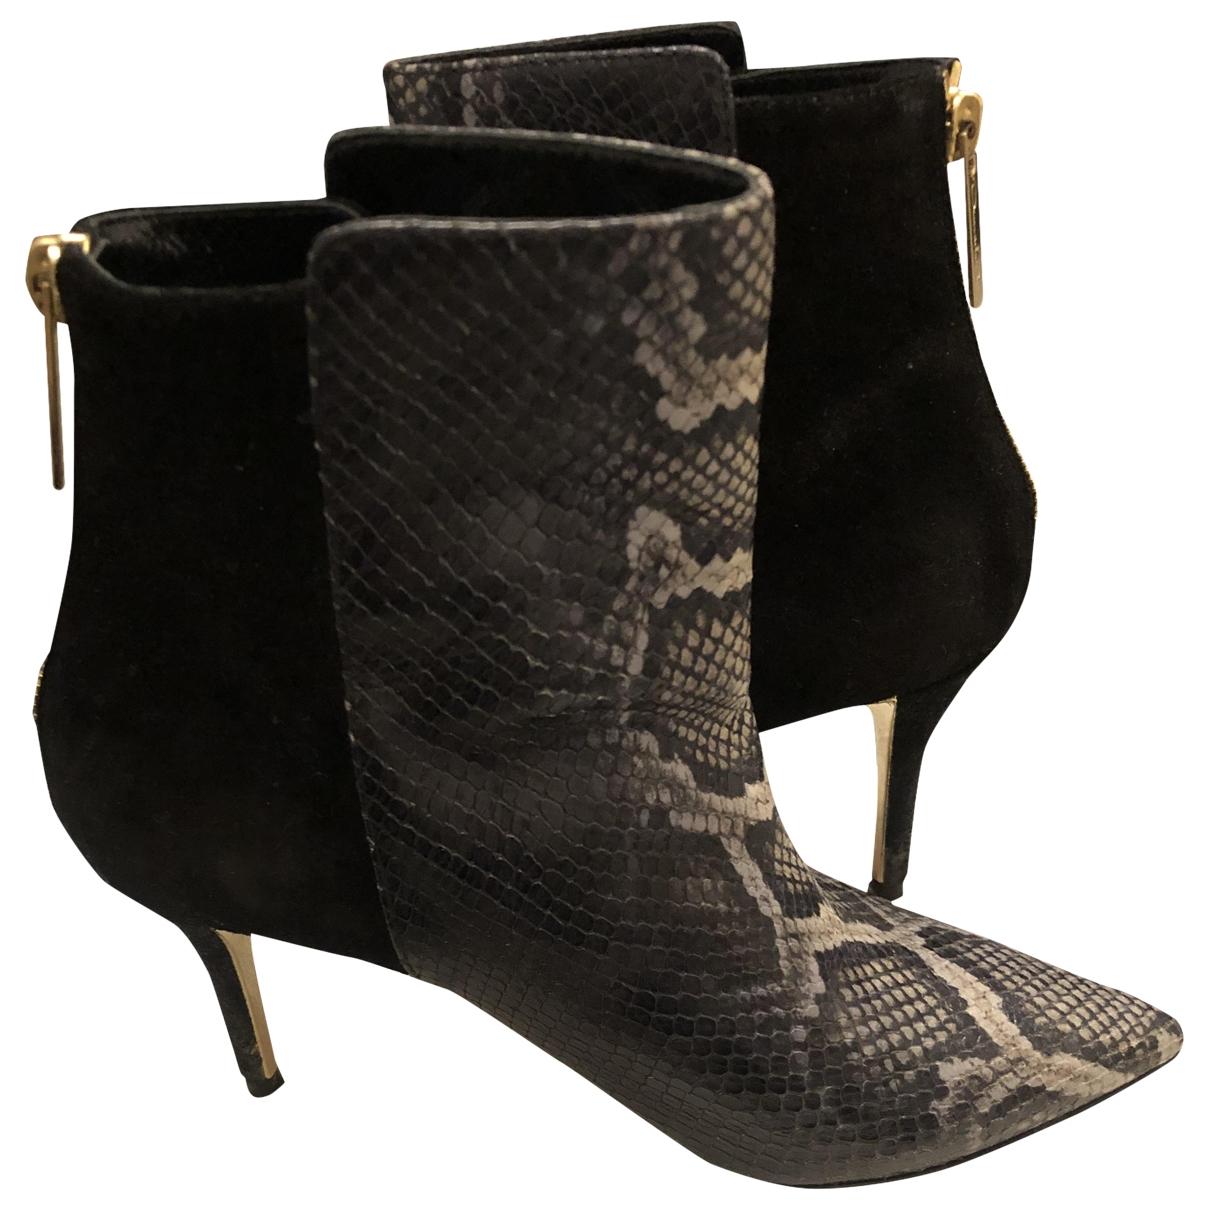 Oscar De La Renta - Boots   pour femme en python - anthracite